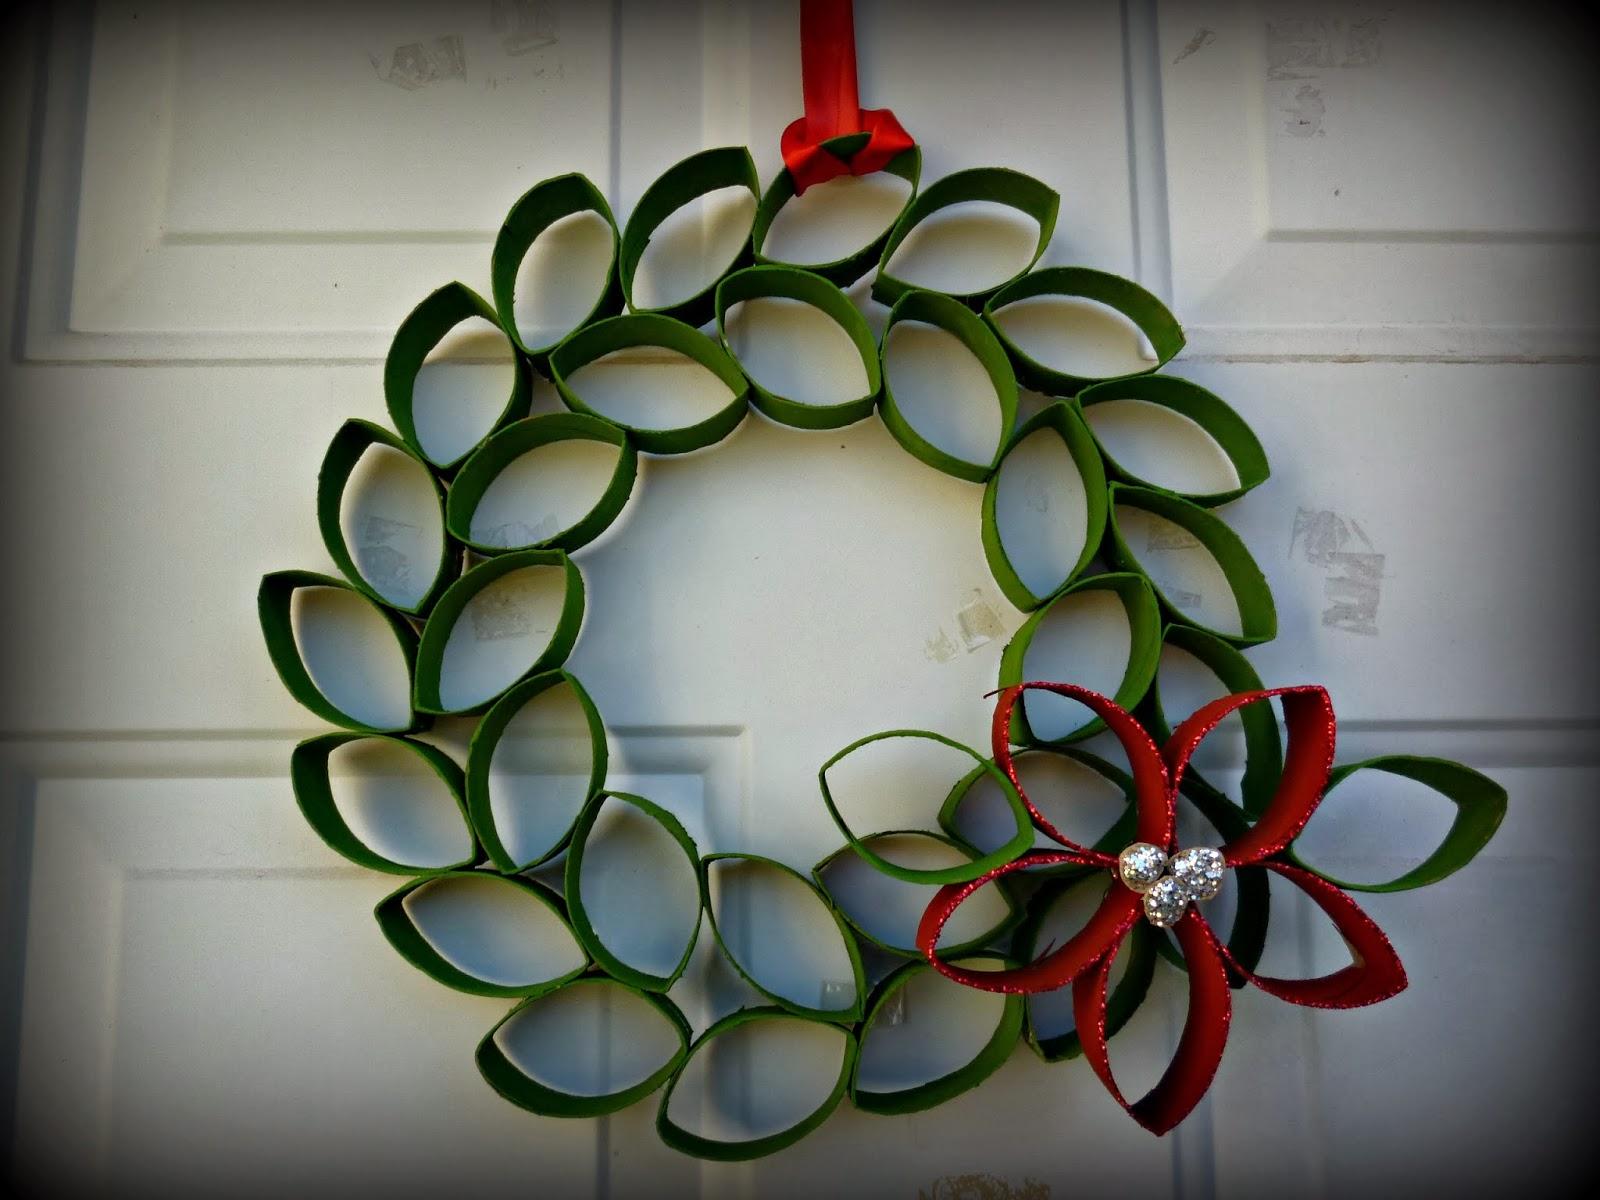 De todo y nada corona de navidad con rollos de papel diy - Adorno puerta navidad ...